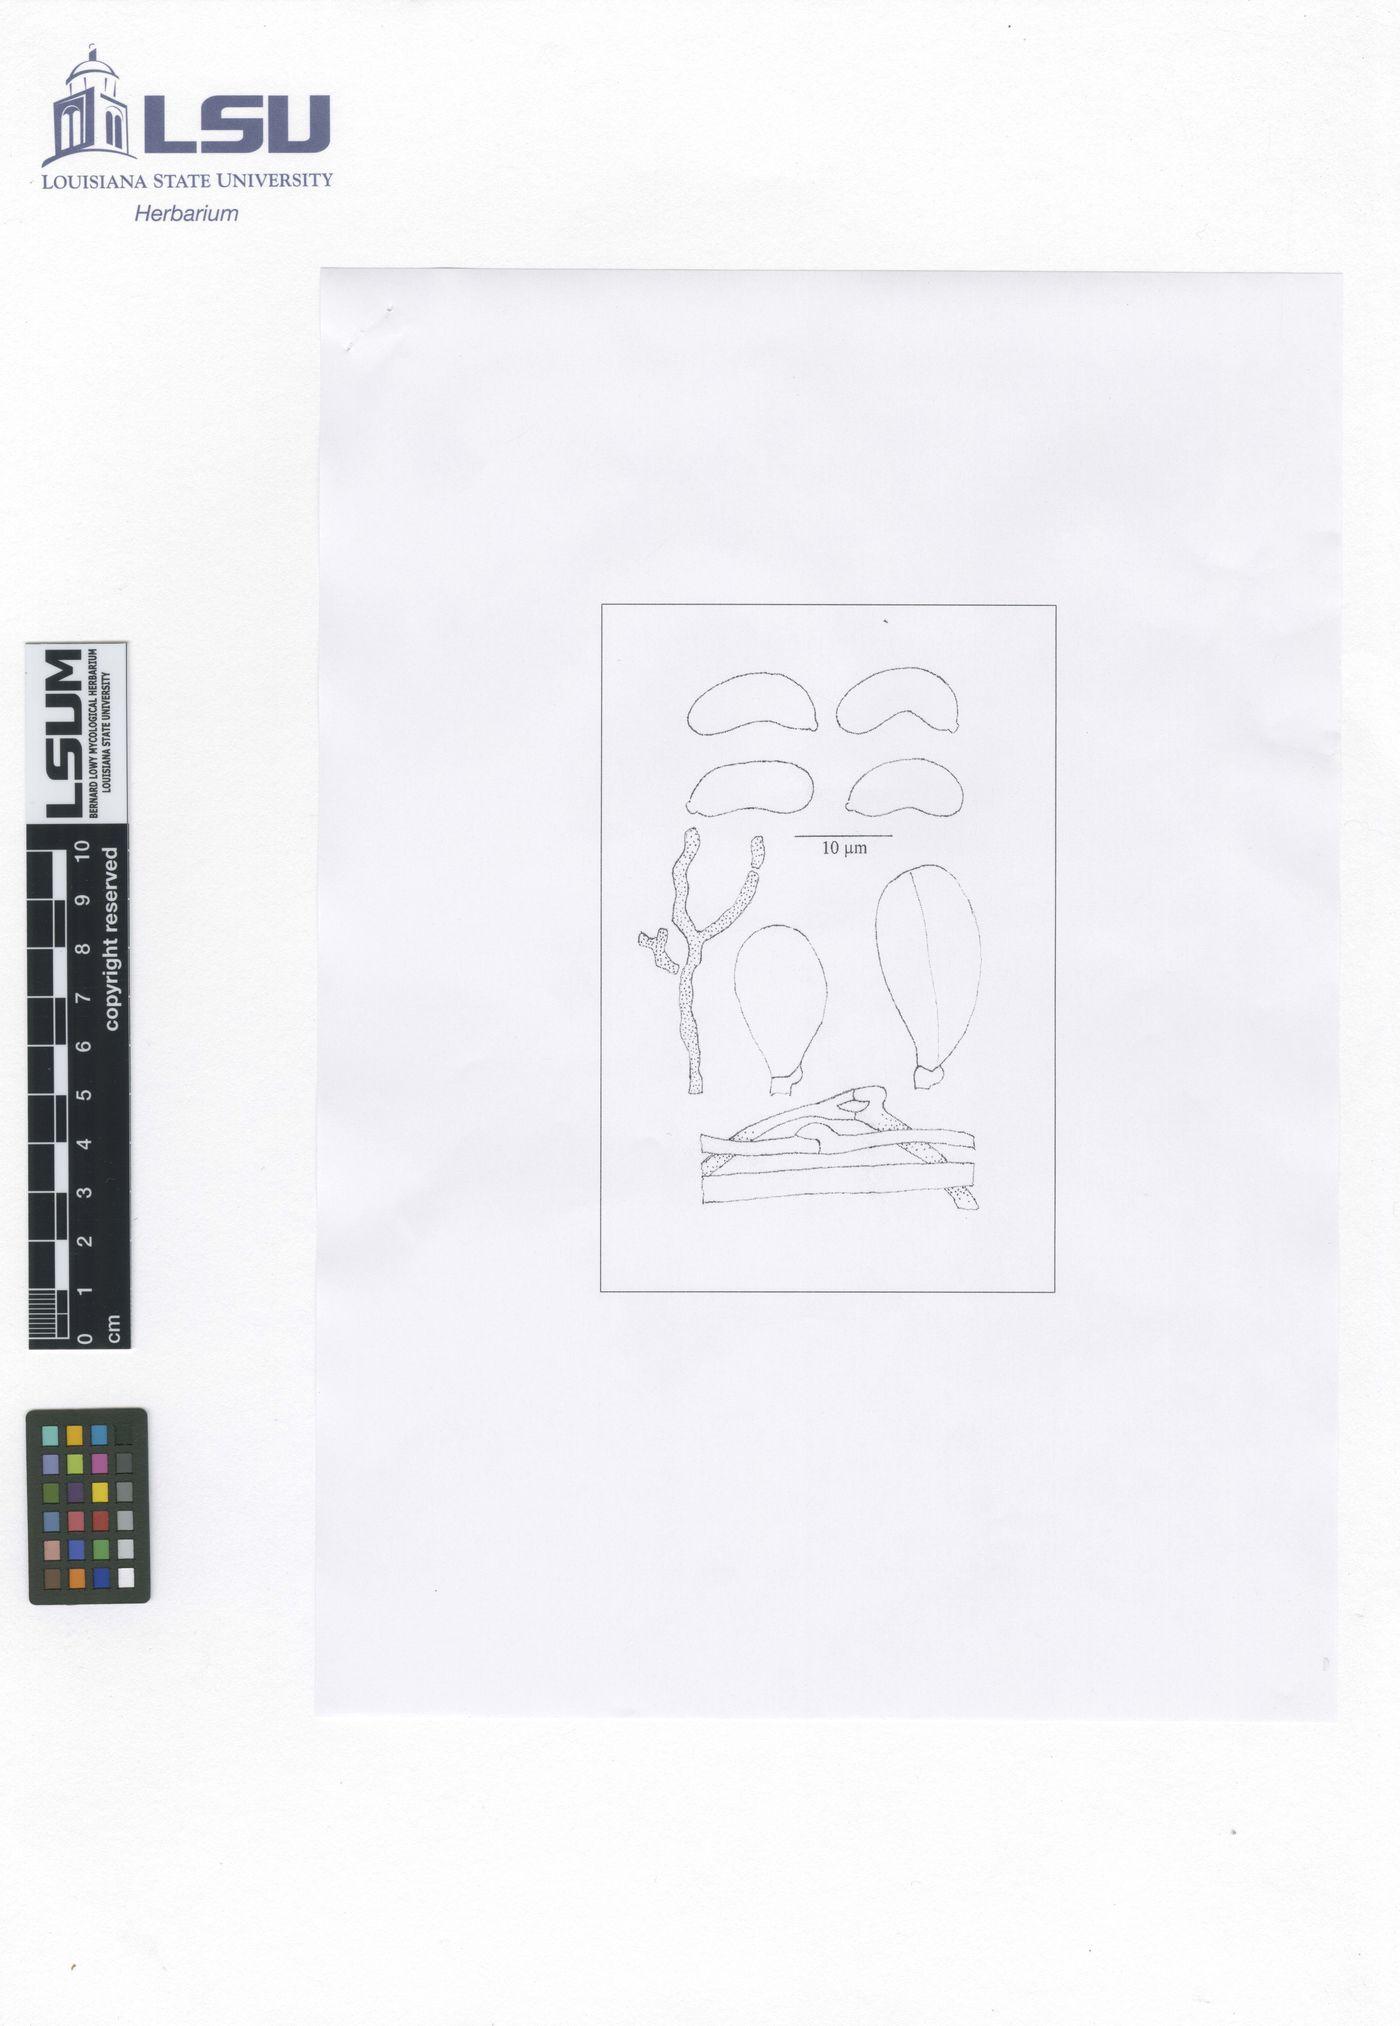 Exidia maya image